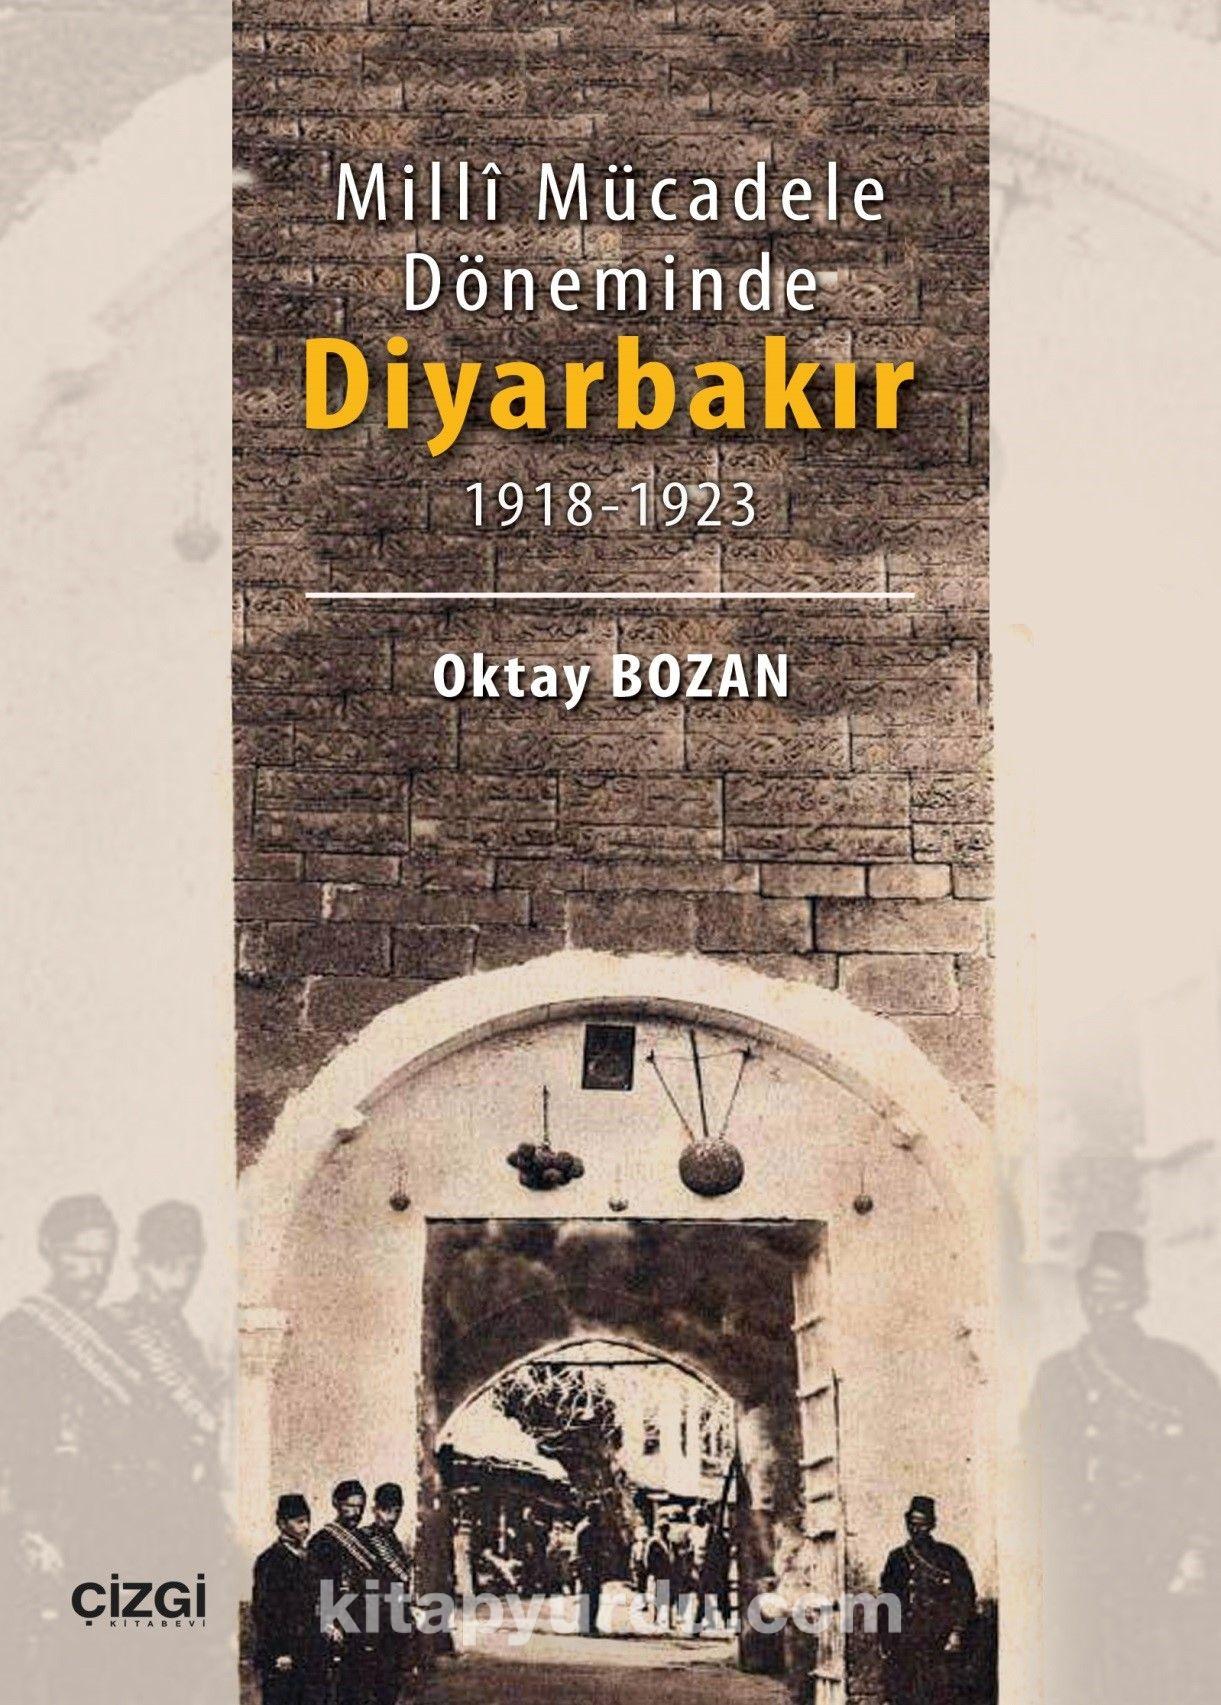 Milli Mücadele Döneminde Diyarbakır (1918-1923)